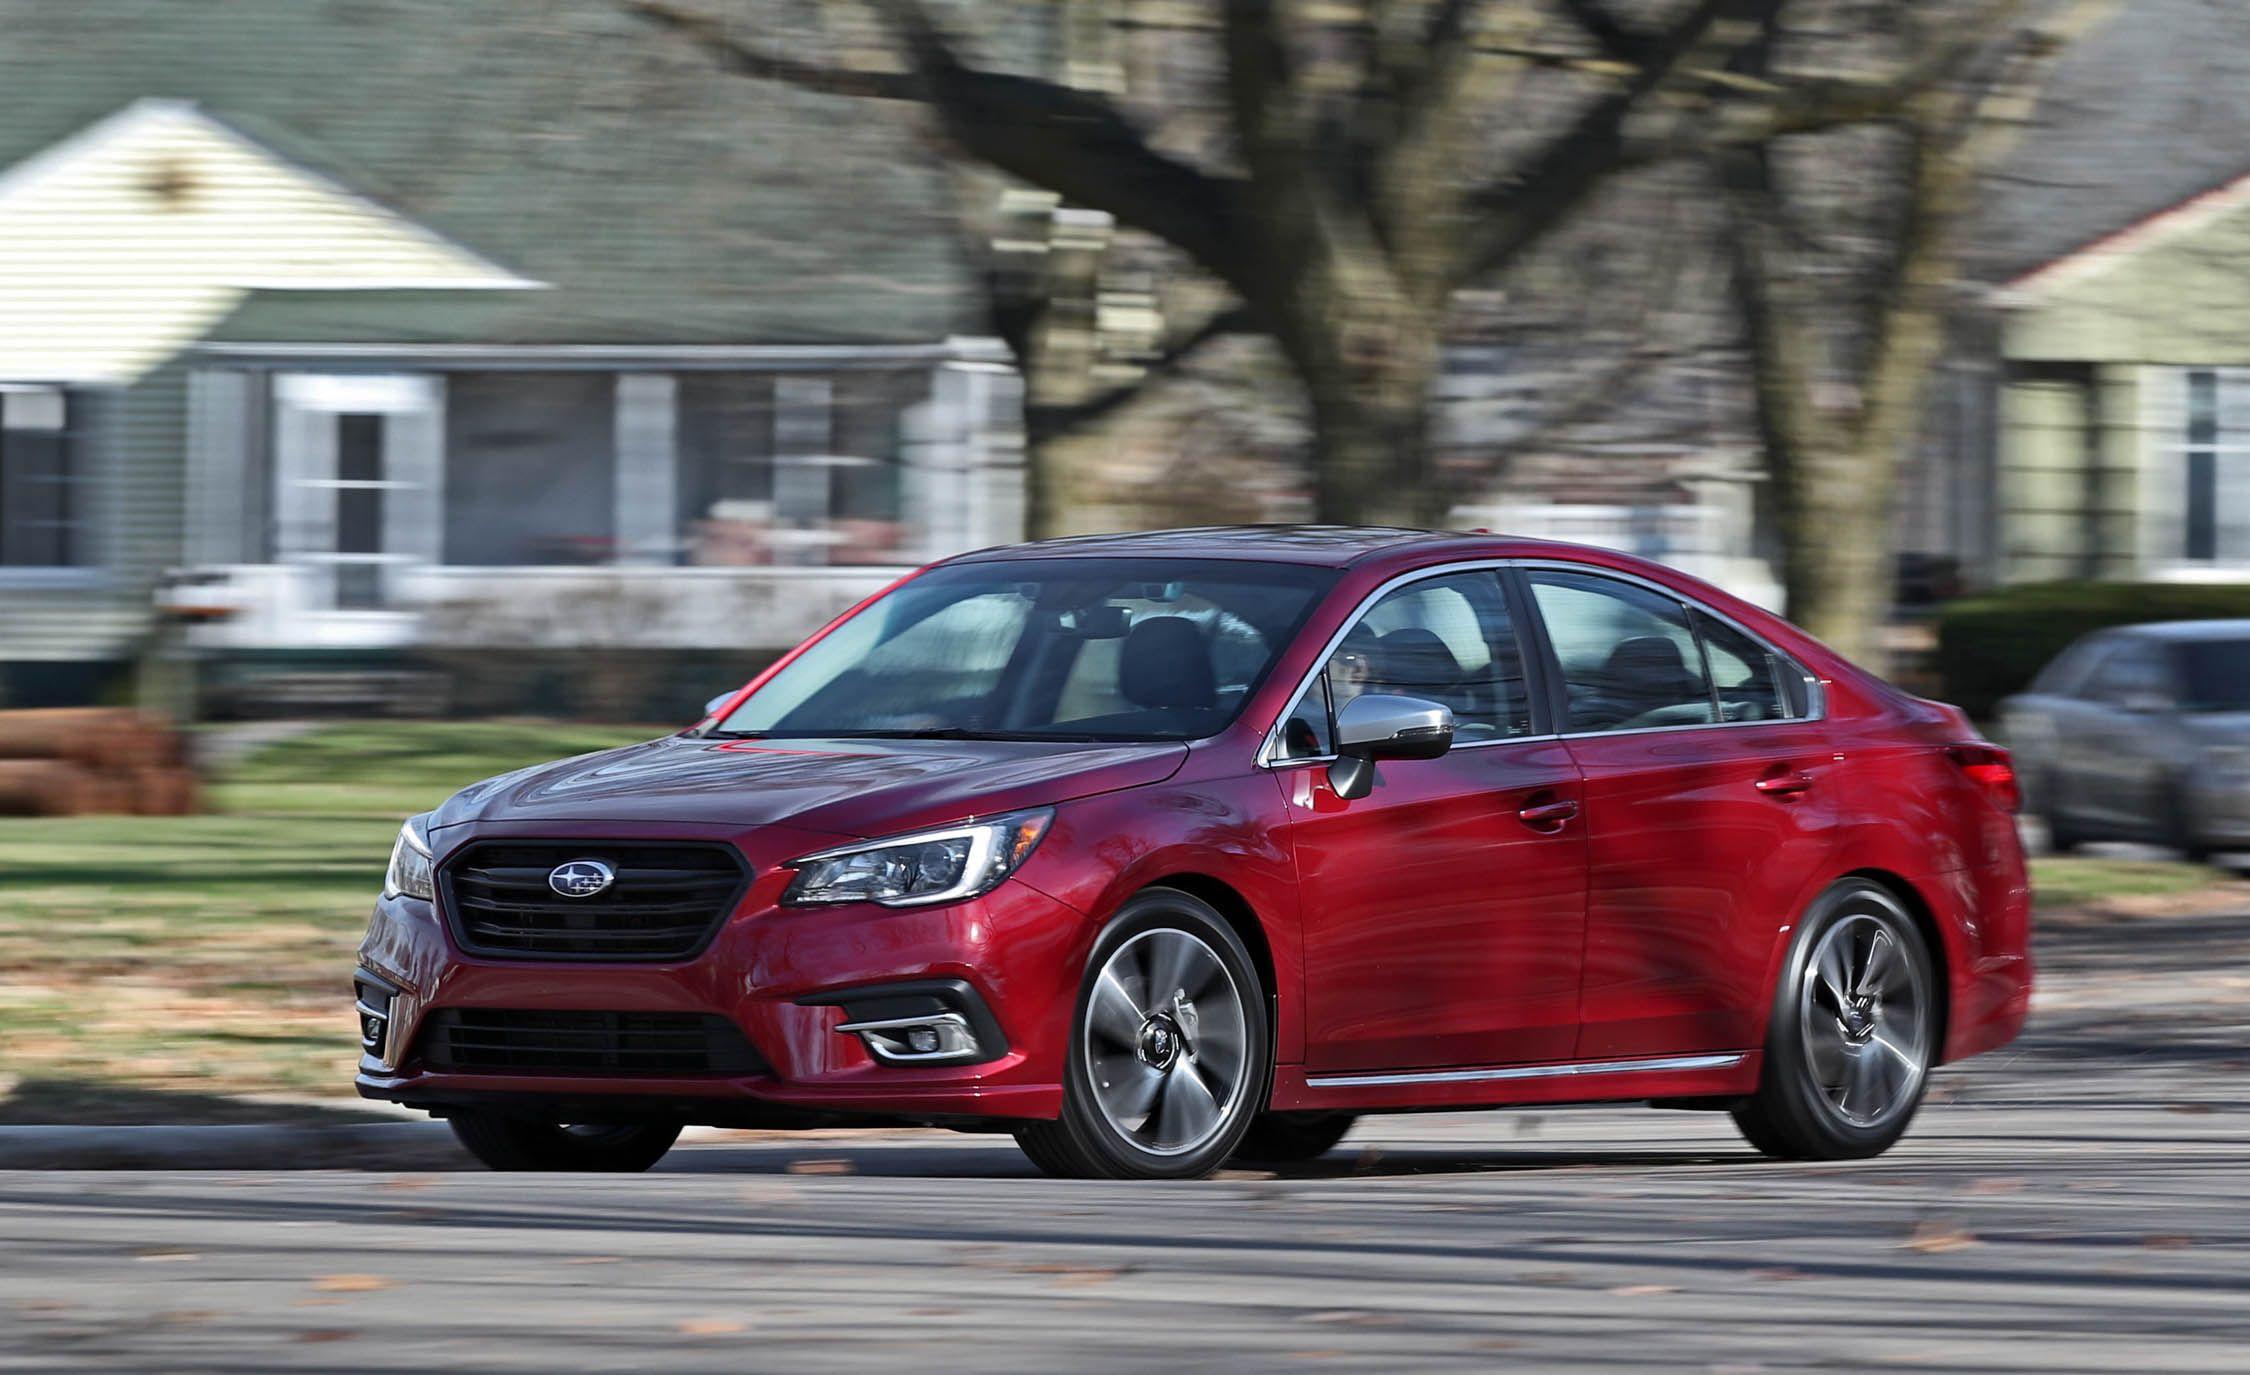 2020 Subaru Legacy Reviews Subaru Legacy Price Photos And Specs